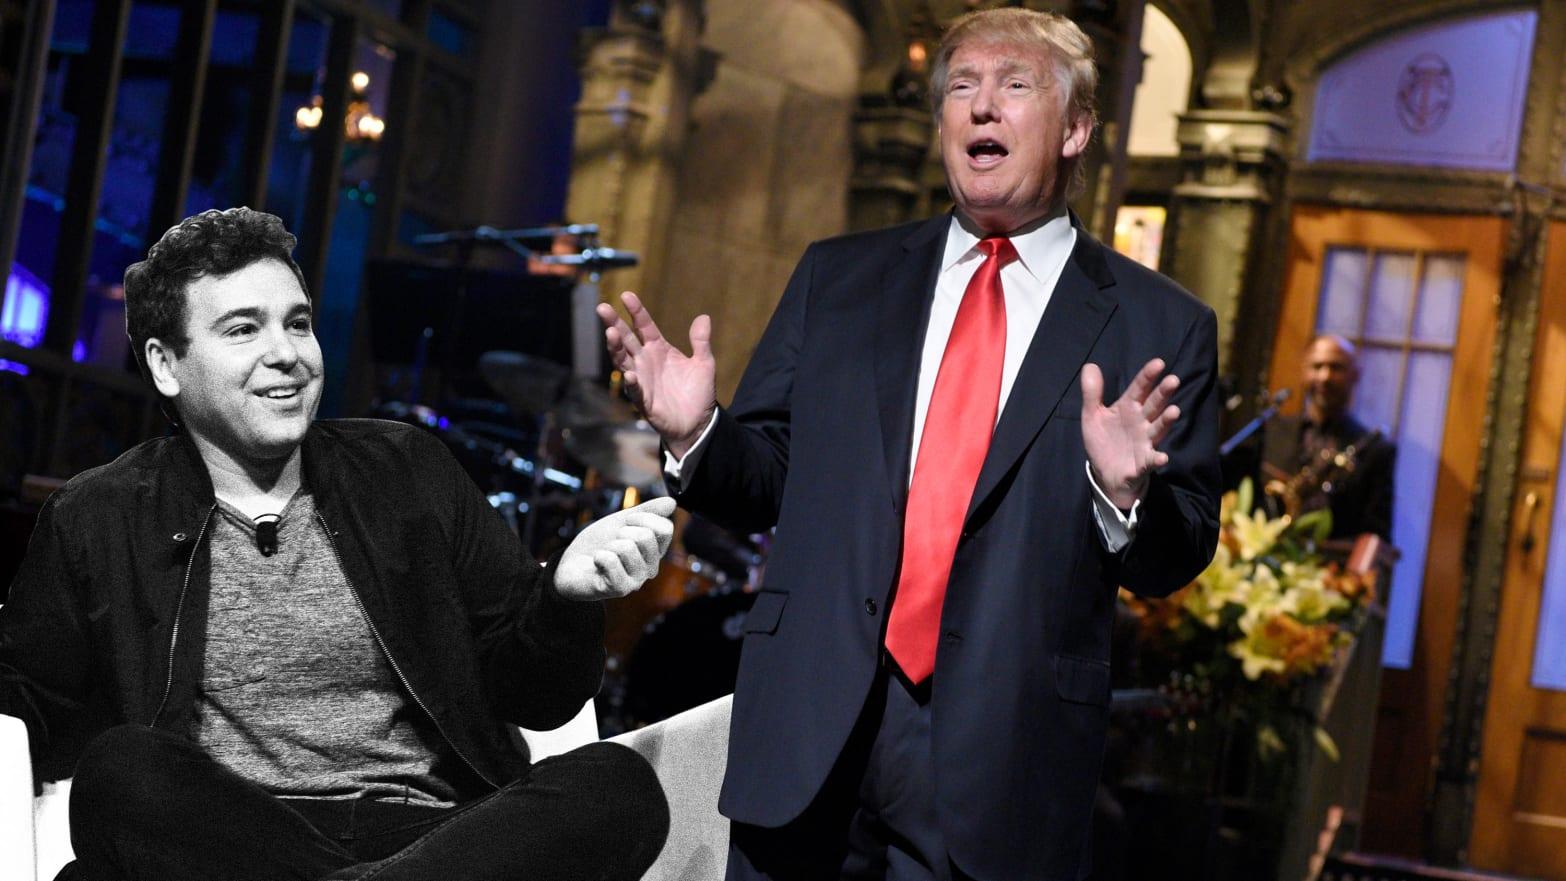 'Pod Save America' Host Jon Lovett: 'Shame on' SNL for Letting Trump Host During Election